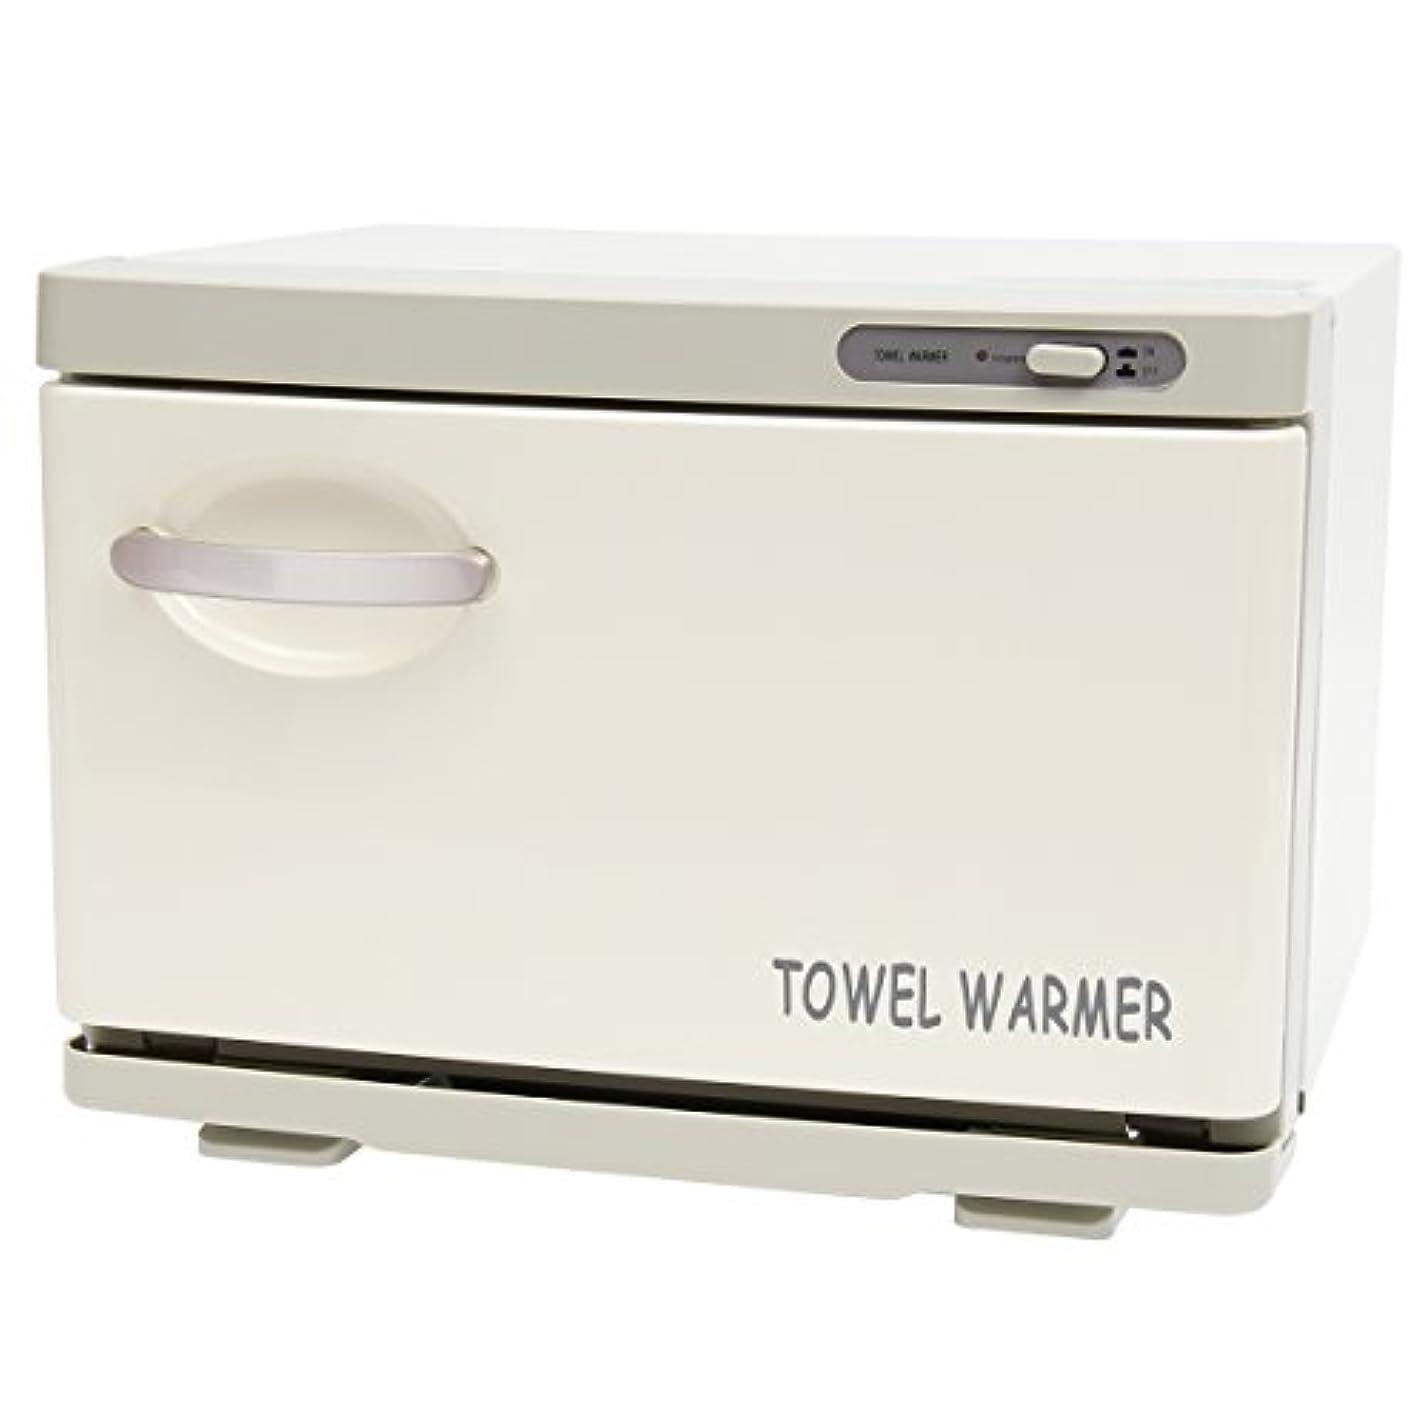 建築家入浴ジャベスウィルソンタオルウォーマー SH (前開き) 7.5L [ タオル蒸し器 おしぼり蒸し器 タオルスチーマー ホットボックス タオル おしぼり ウォーマー スチーマー 小型 業務用 保温器 ]